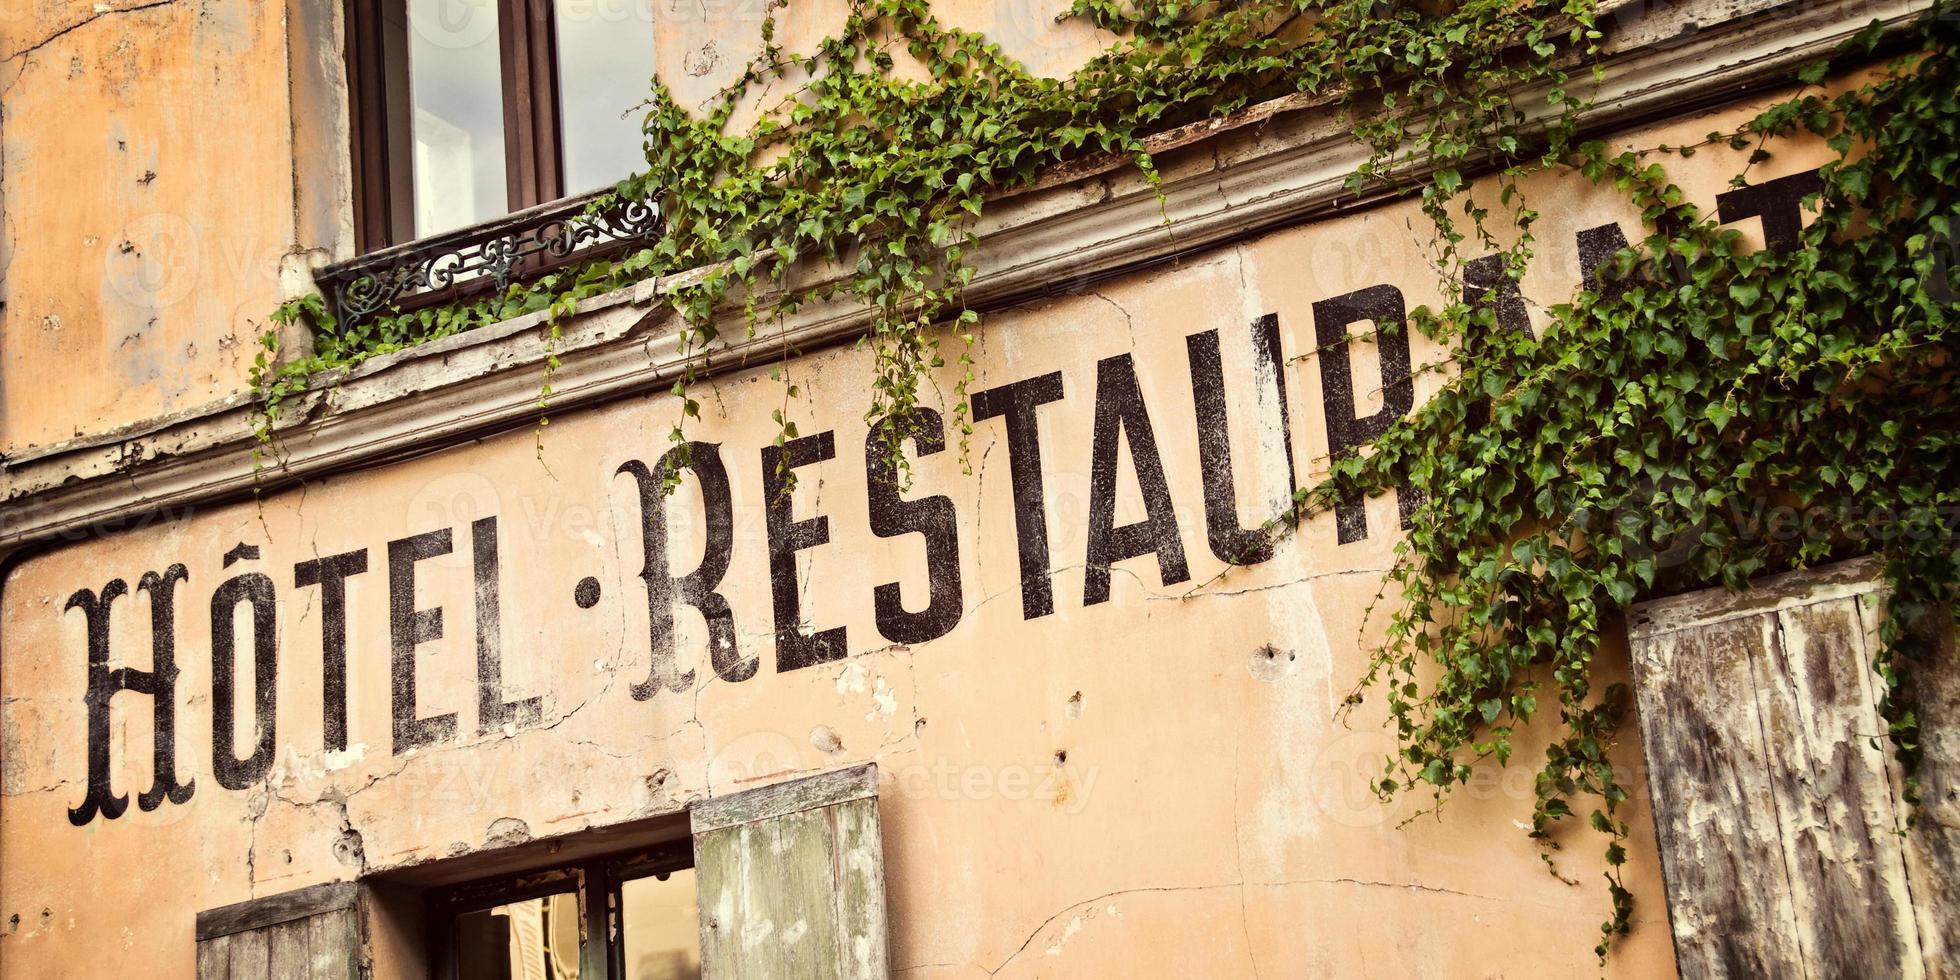 Cartel de hotel francés vintage pintado en una casa antigua foto